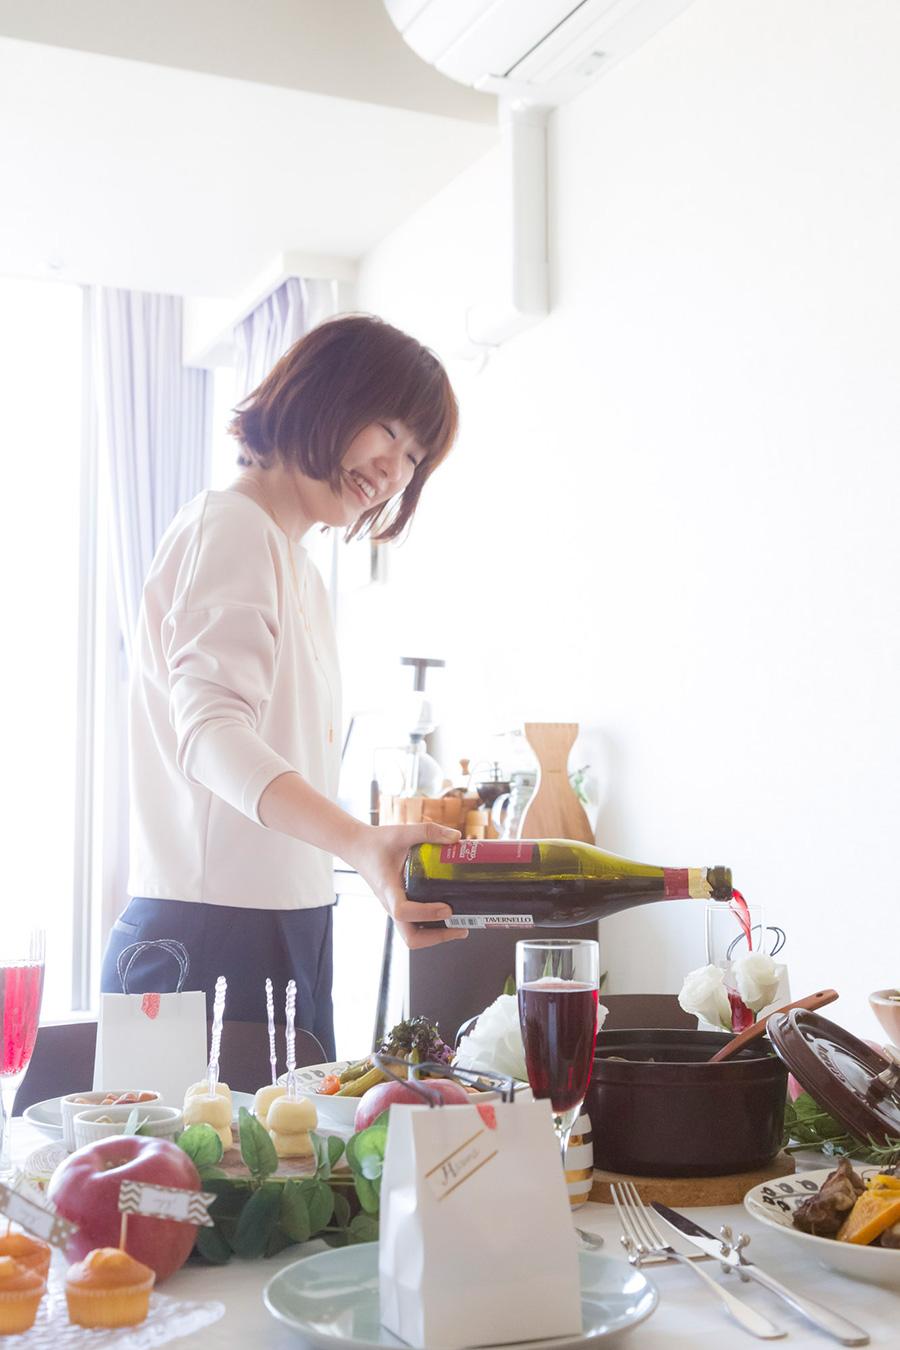 赤、白、スパークリング…ワインは料理に合わせて準備しておく。